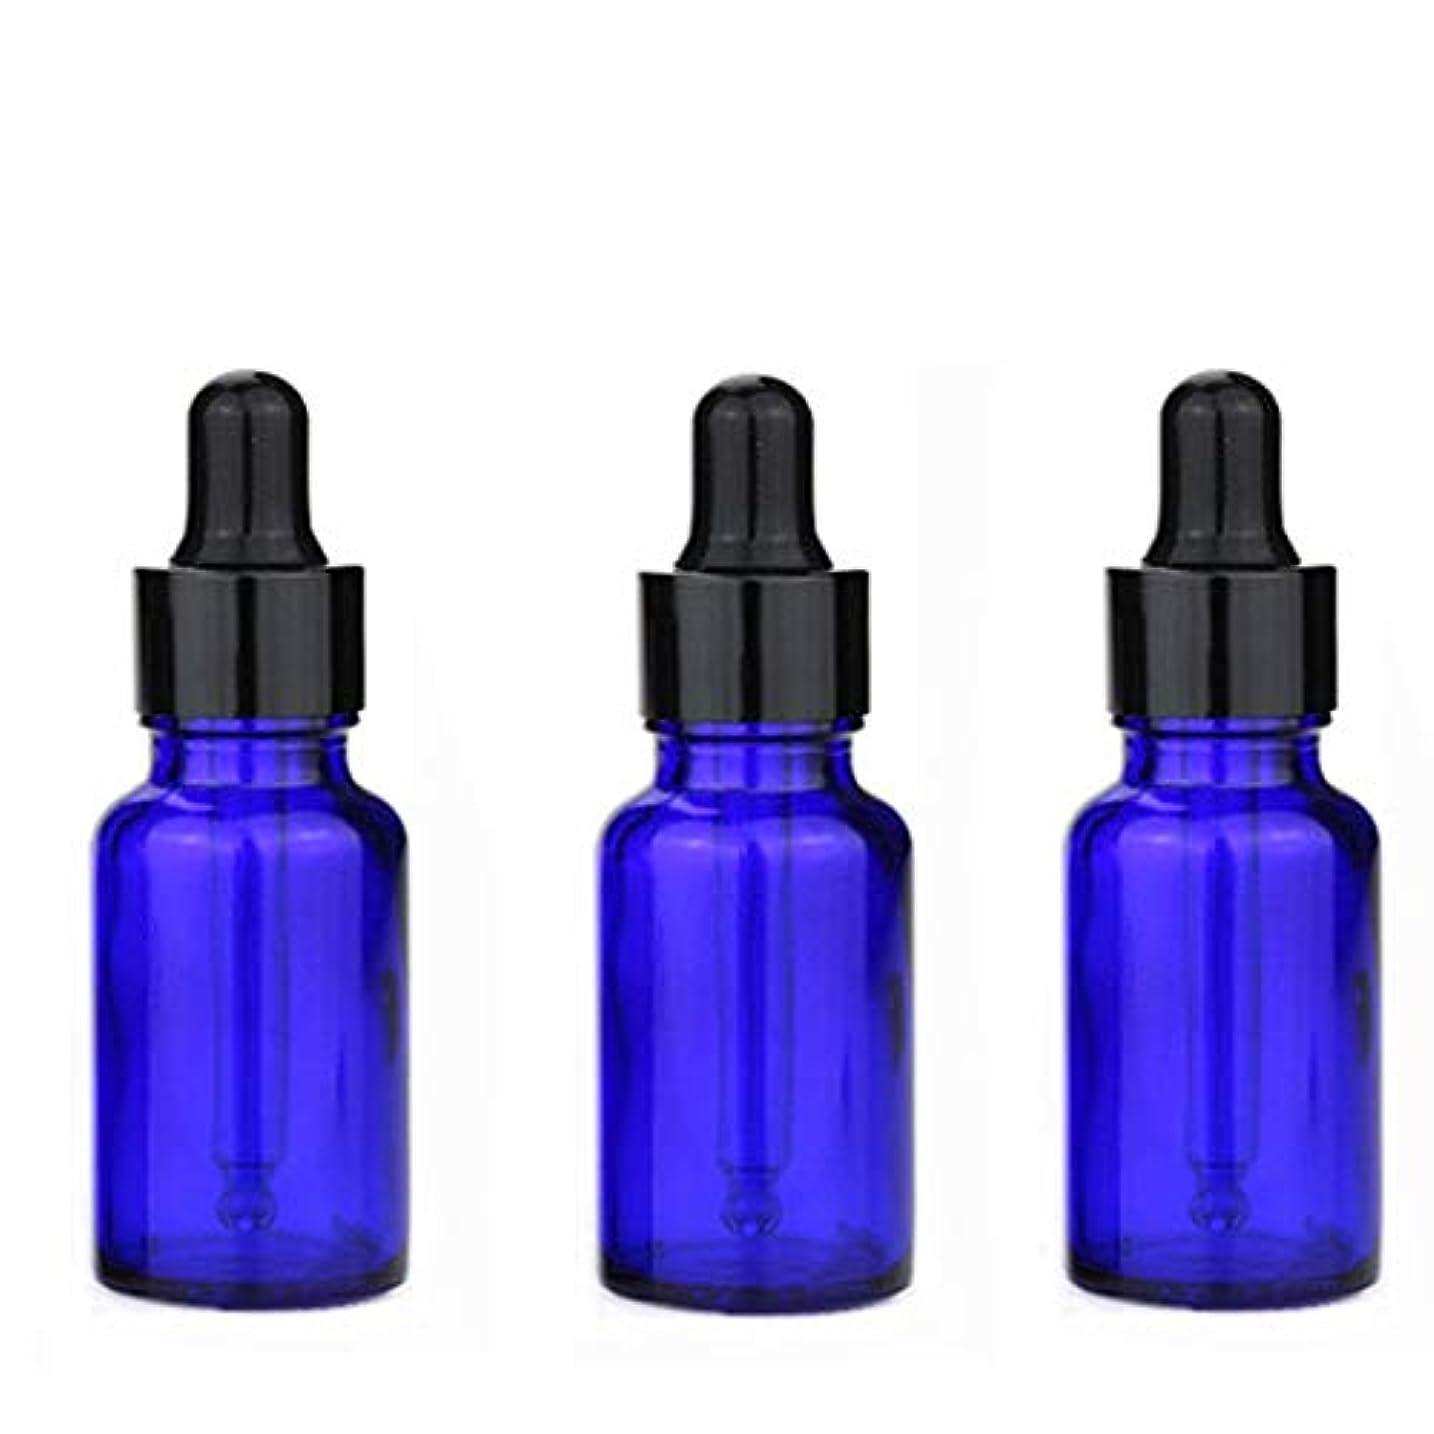 添加マージ女の子Lindexs スポイト遮光瓶 アロマオイル 精油 小分け用 スポイト 遮光瓶 キャップ 保存 詰替え オイル用 ガラス製 3本セット 20ml